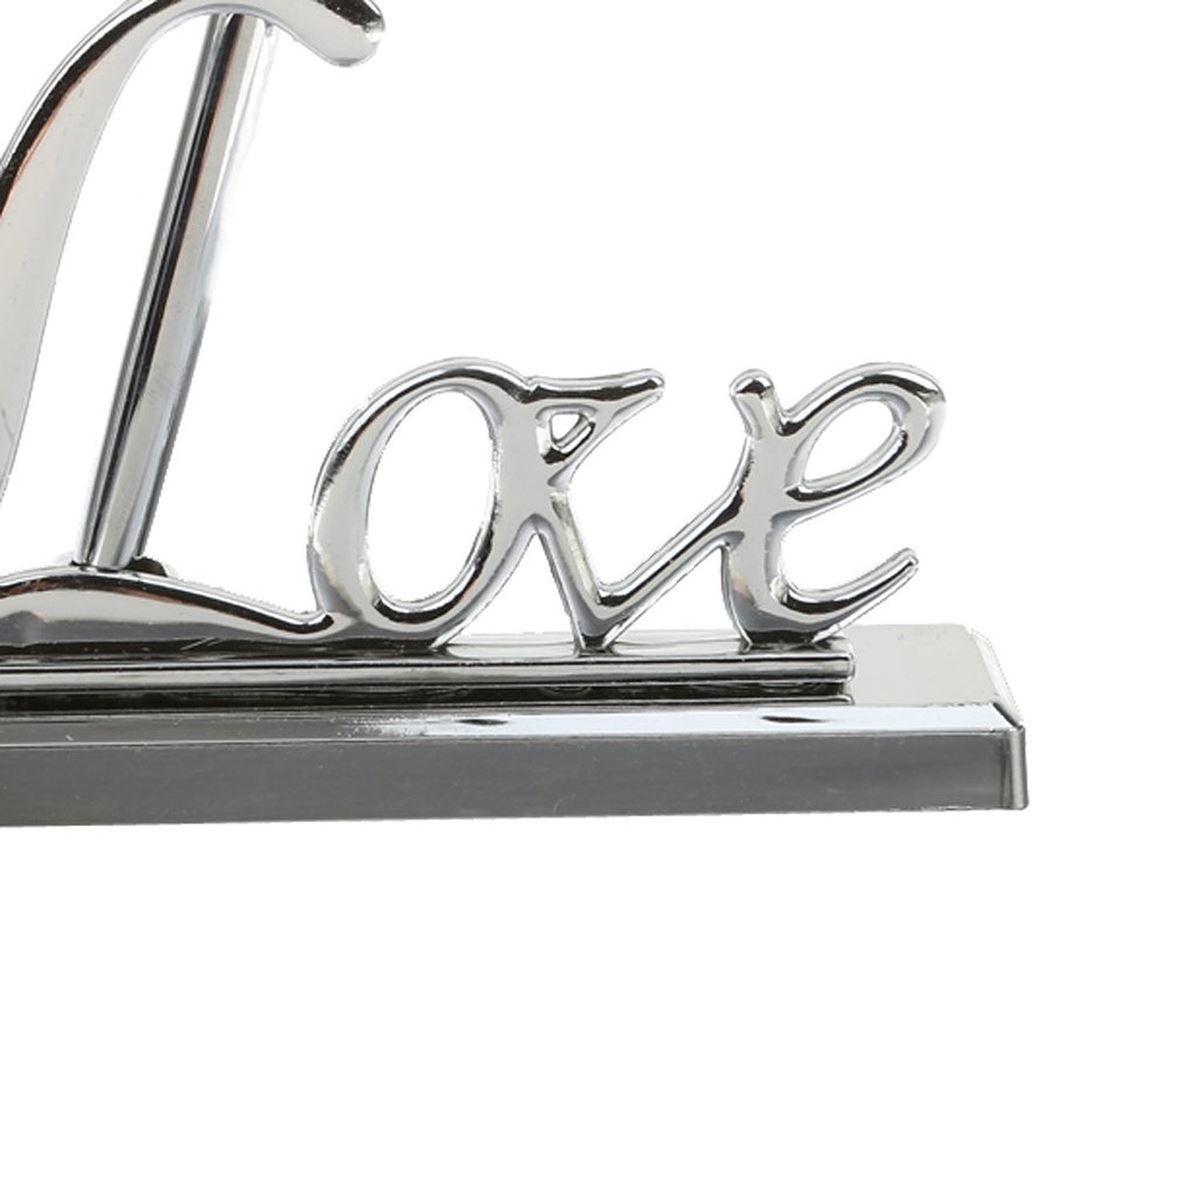 Stylo de signature de mariage avec métal plaqué argent Love Holder Party Pen Set (Argent)